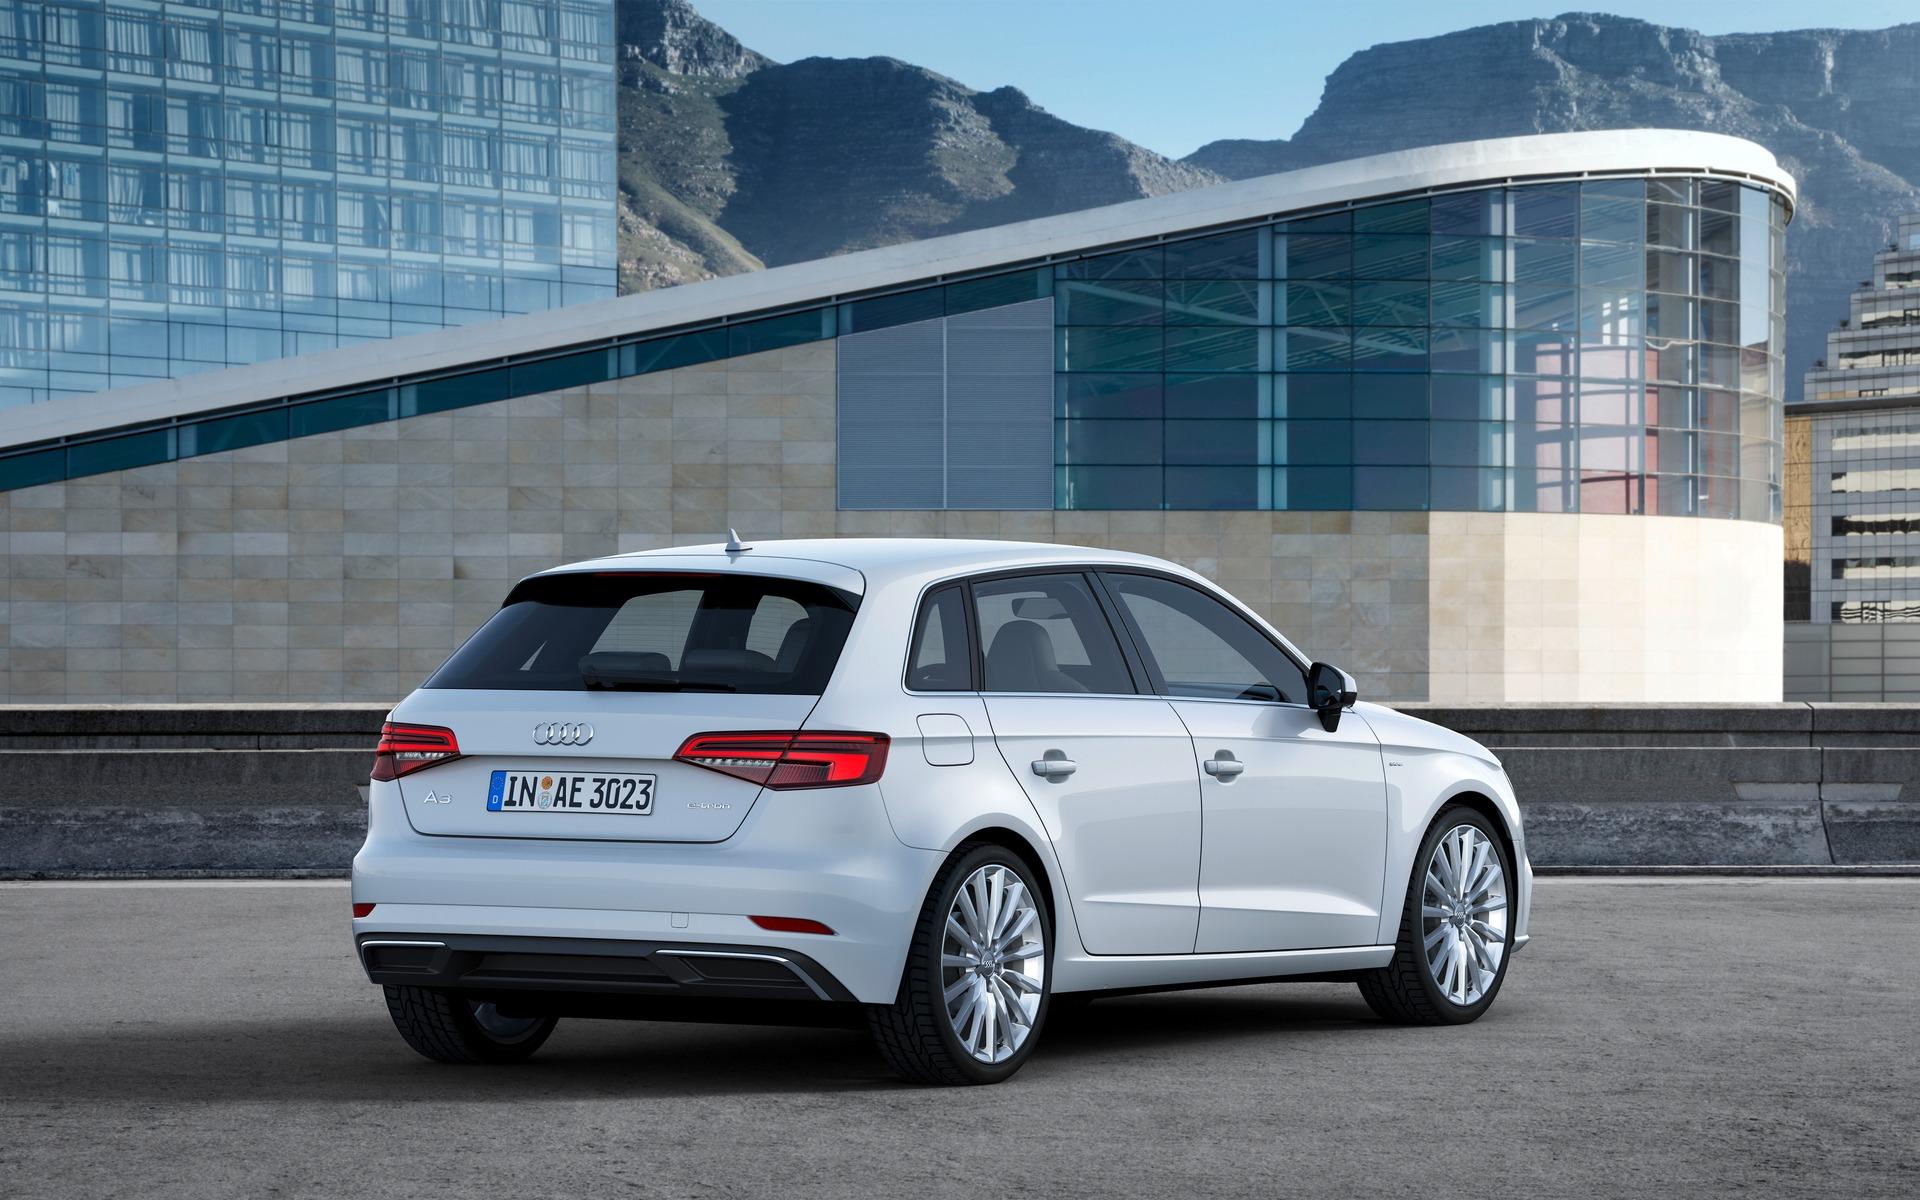 Kelebihan Kekurangan Audi A3 2018 Perbandingan Harga